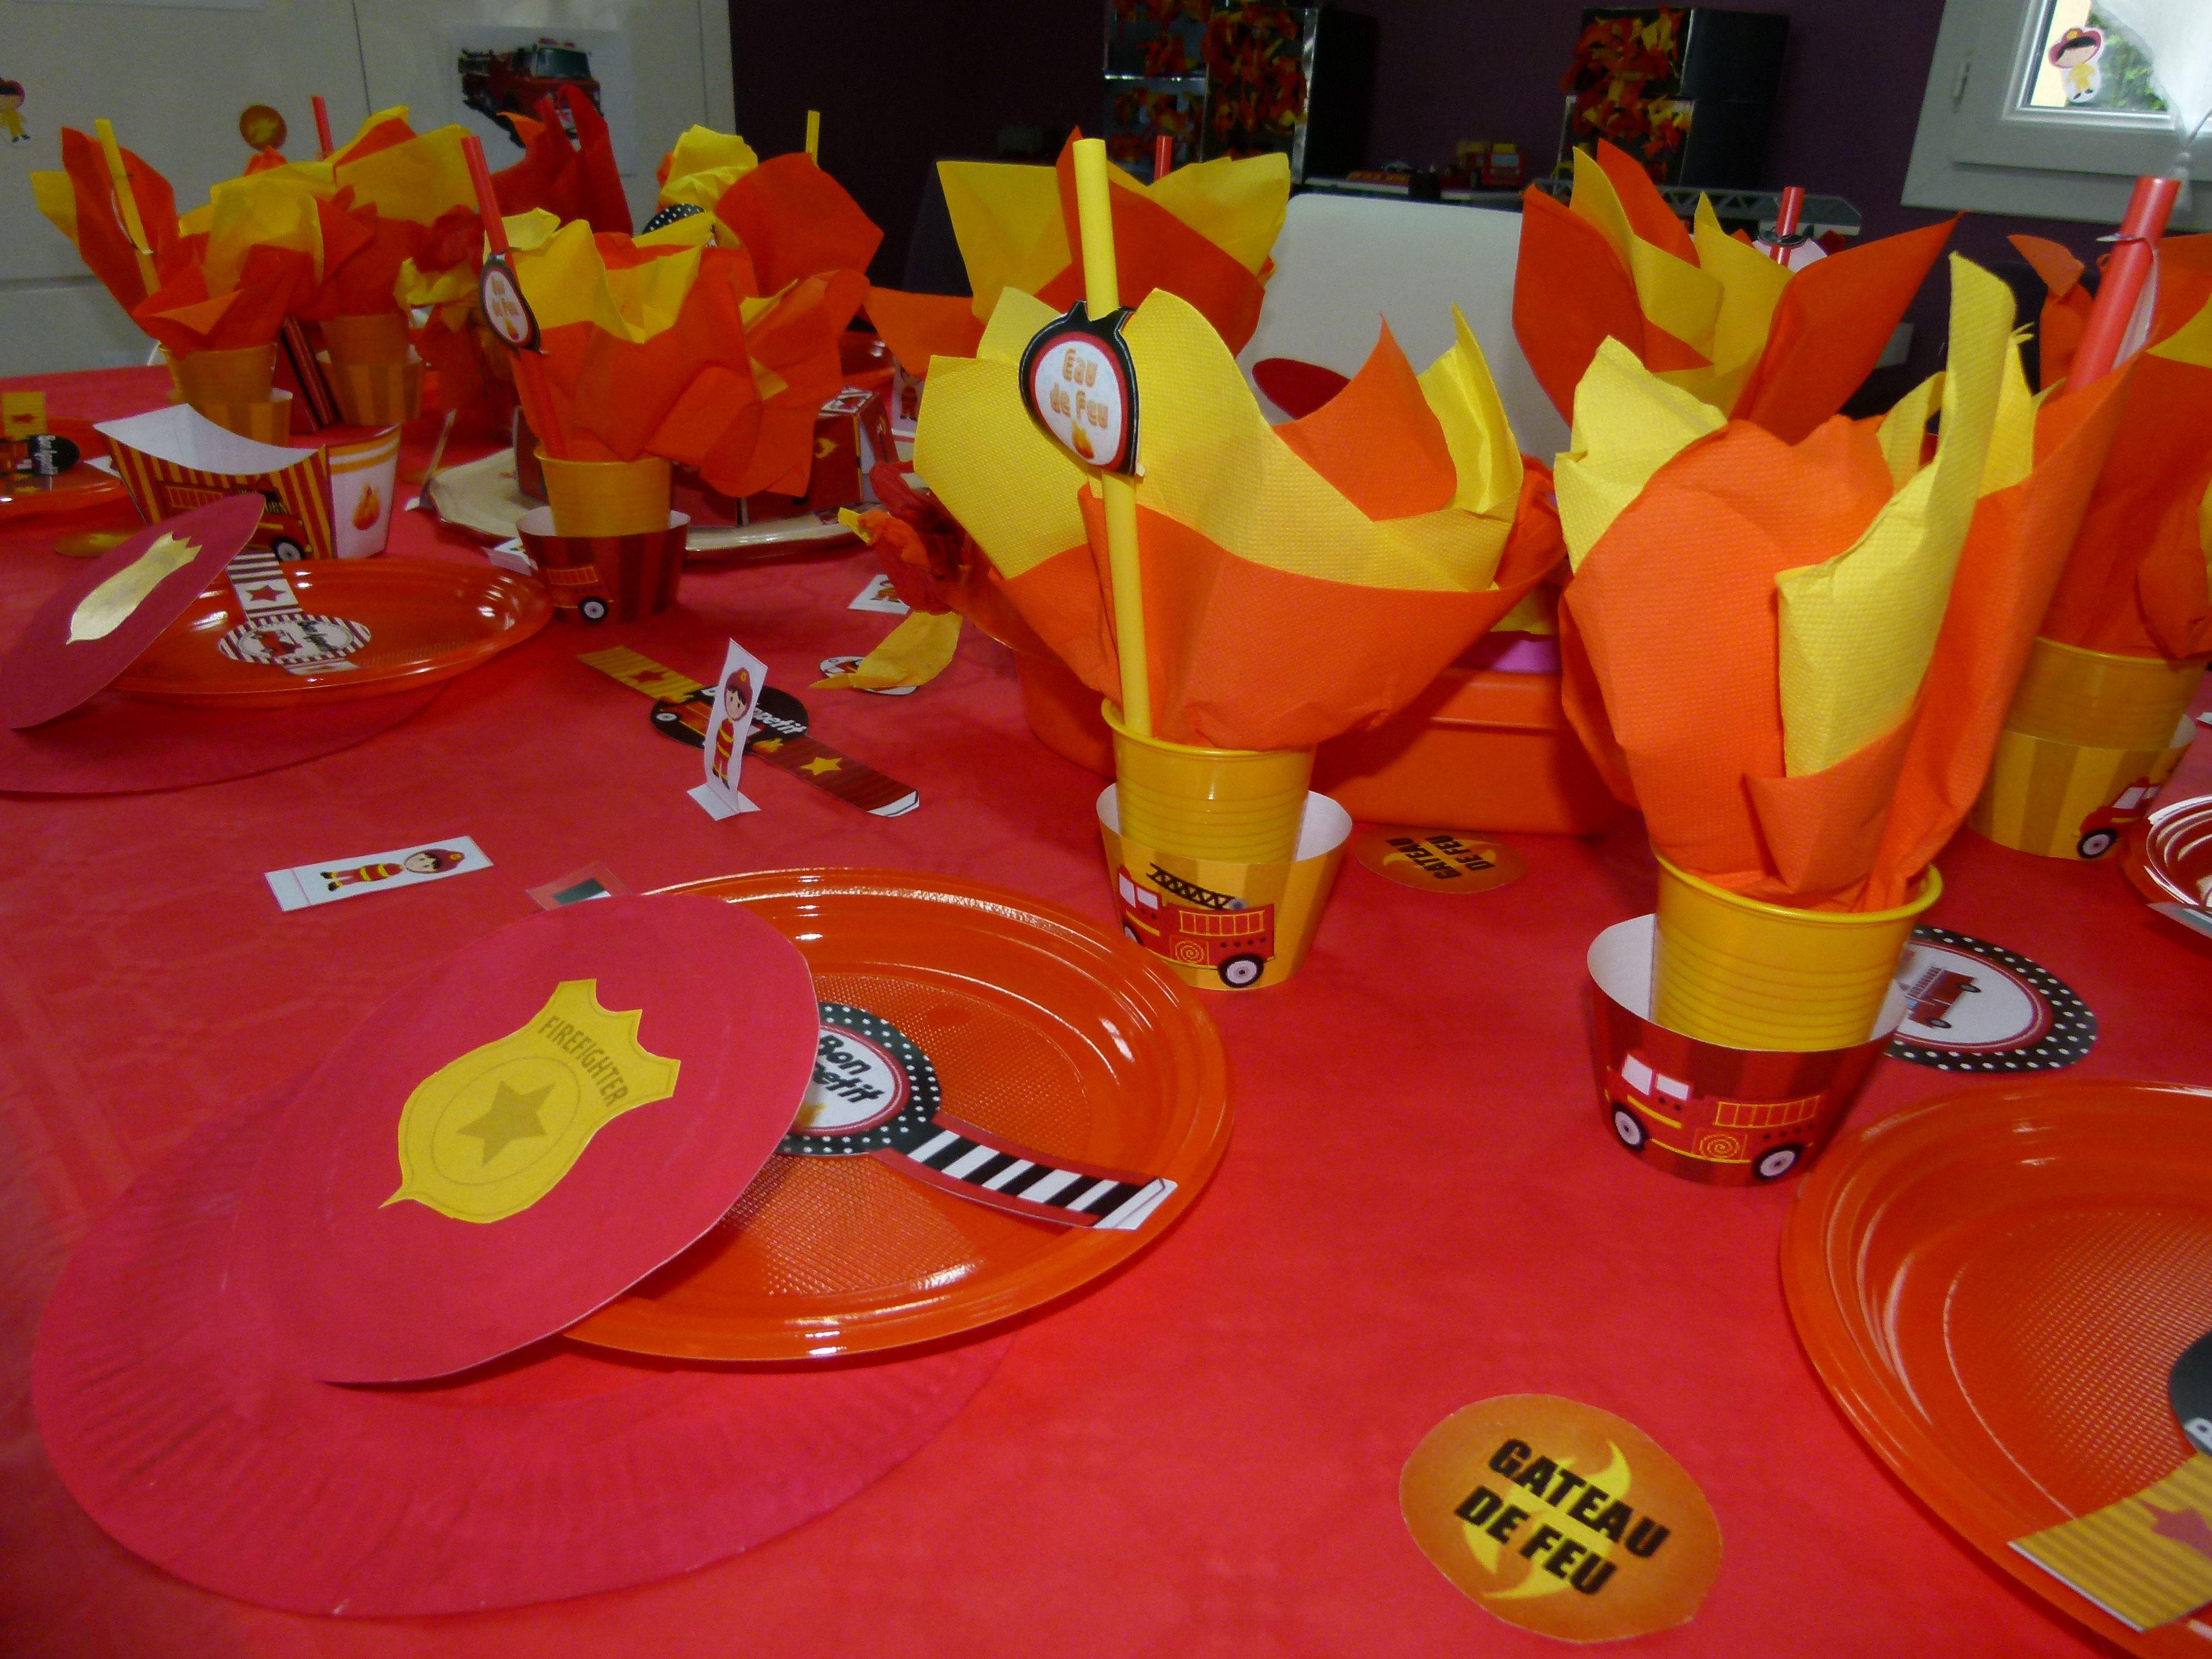 d co table pompier anniversaire pompier pinterest pompiers deco table et anniversaires. Black Bedroom Furniture Sets. Home Design Ideas